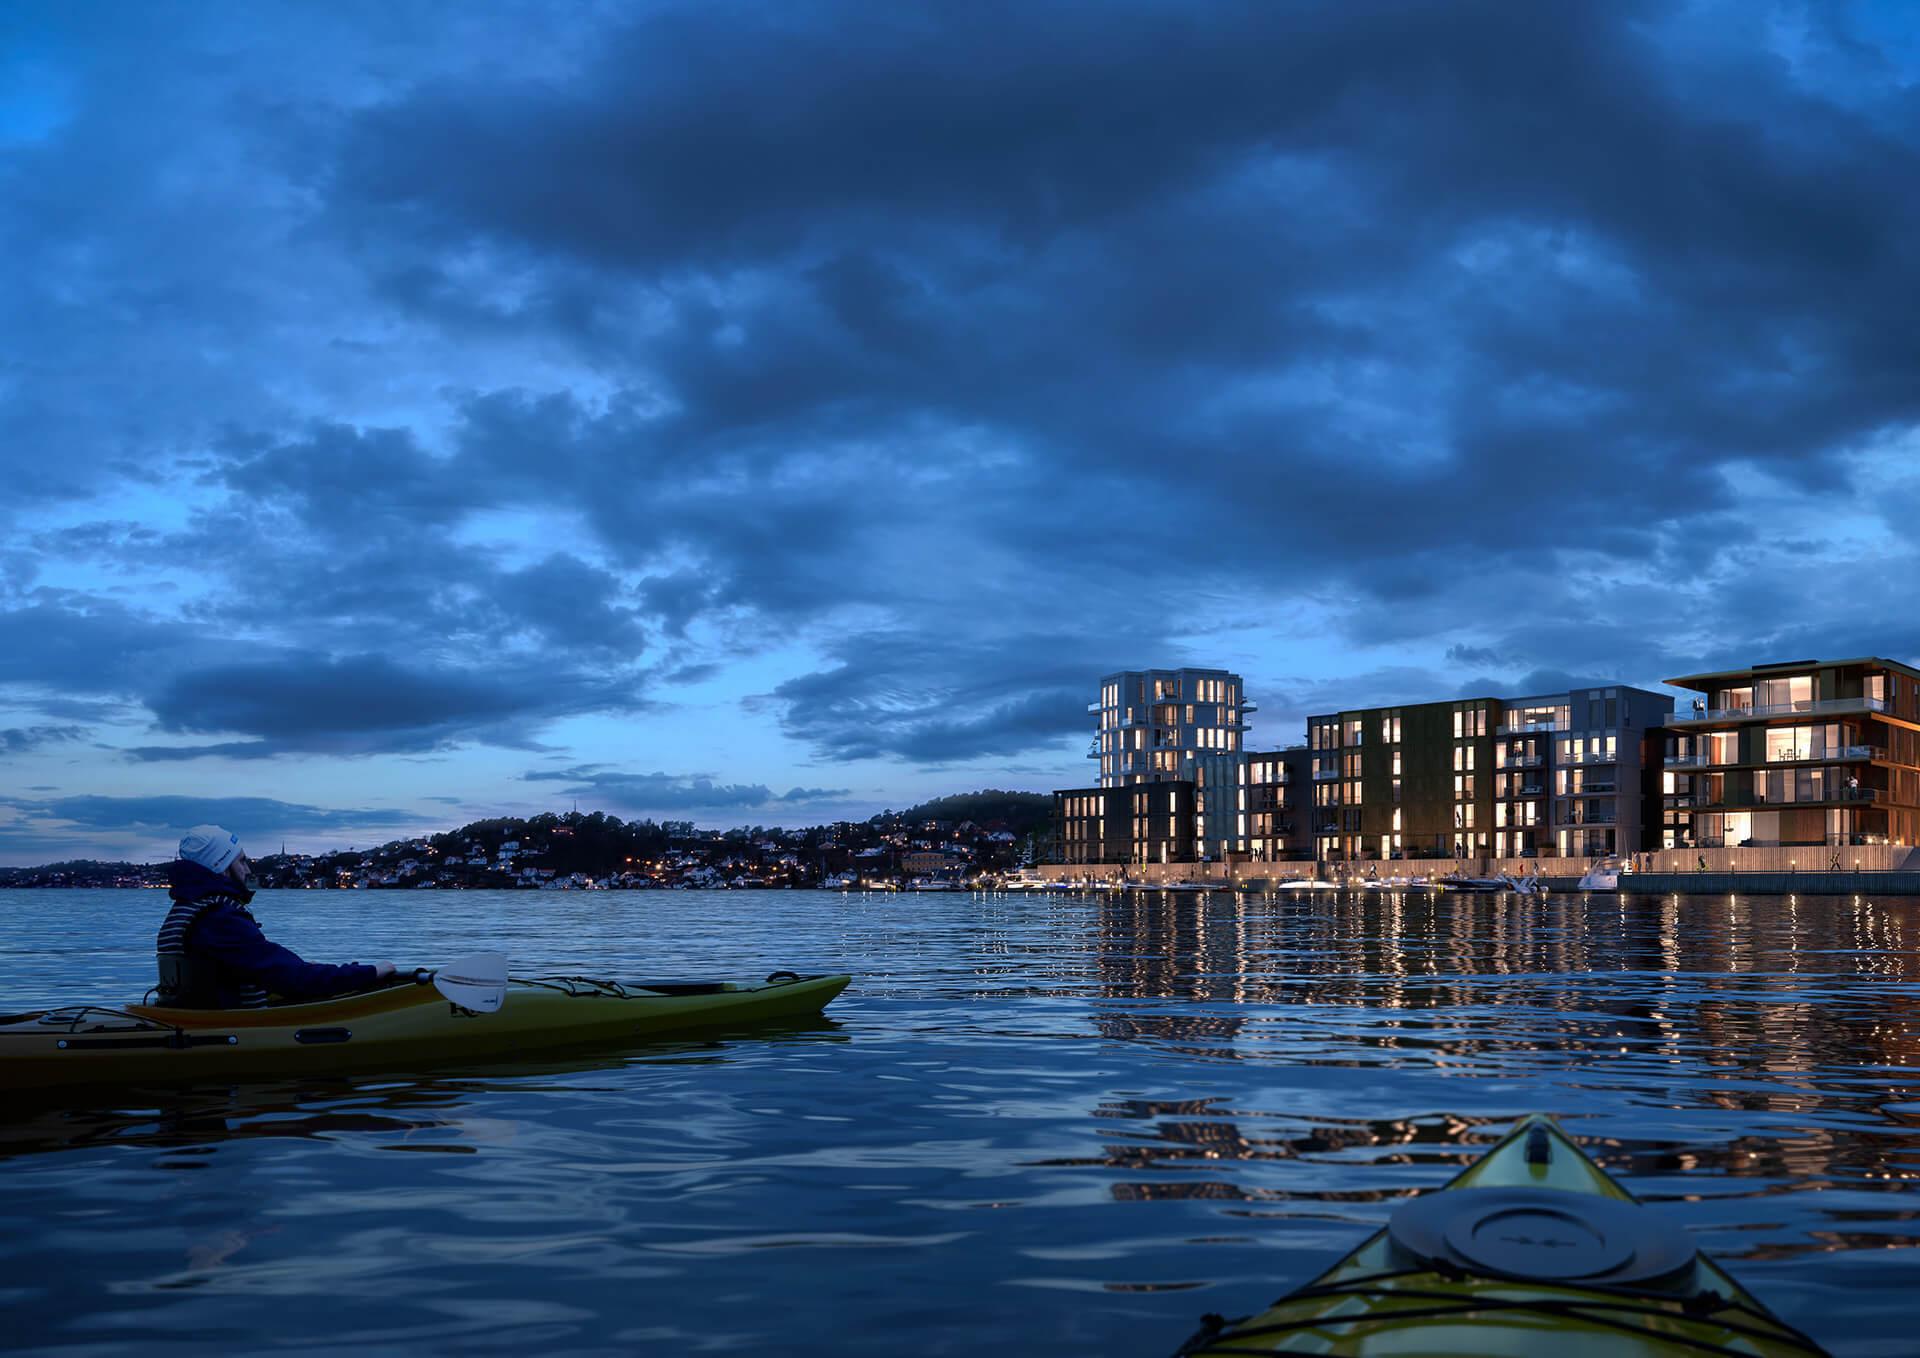 Leilighet i Bryggebyen gir deg frihet til å gjøre mer av det du måtte ønske. (Illustrasjonsbilde. Endringer kan forekomme.)